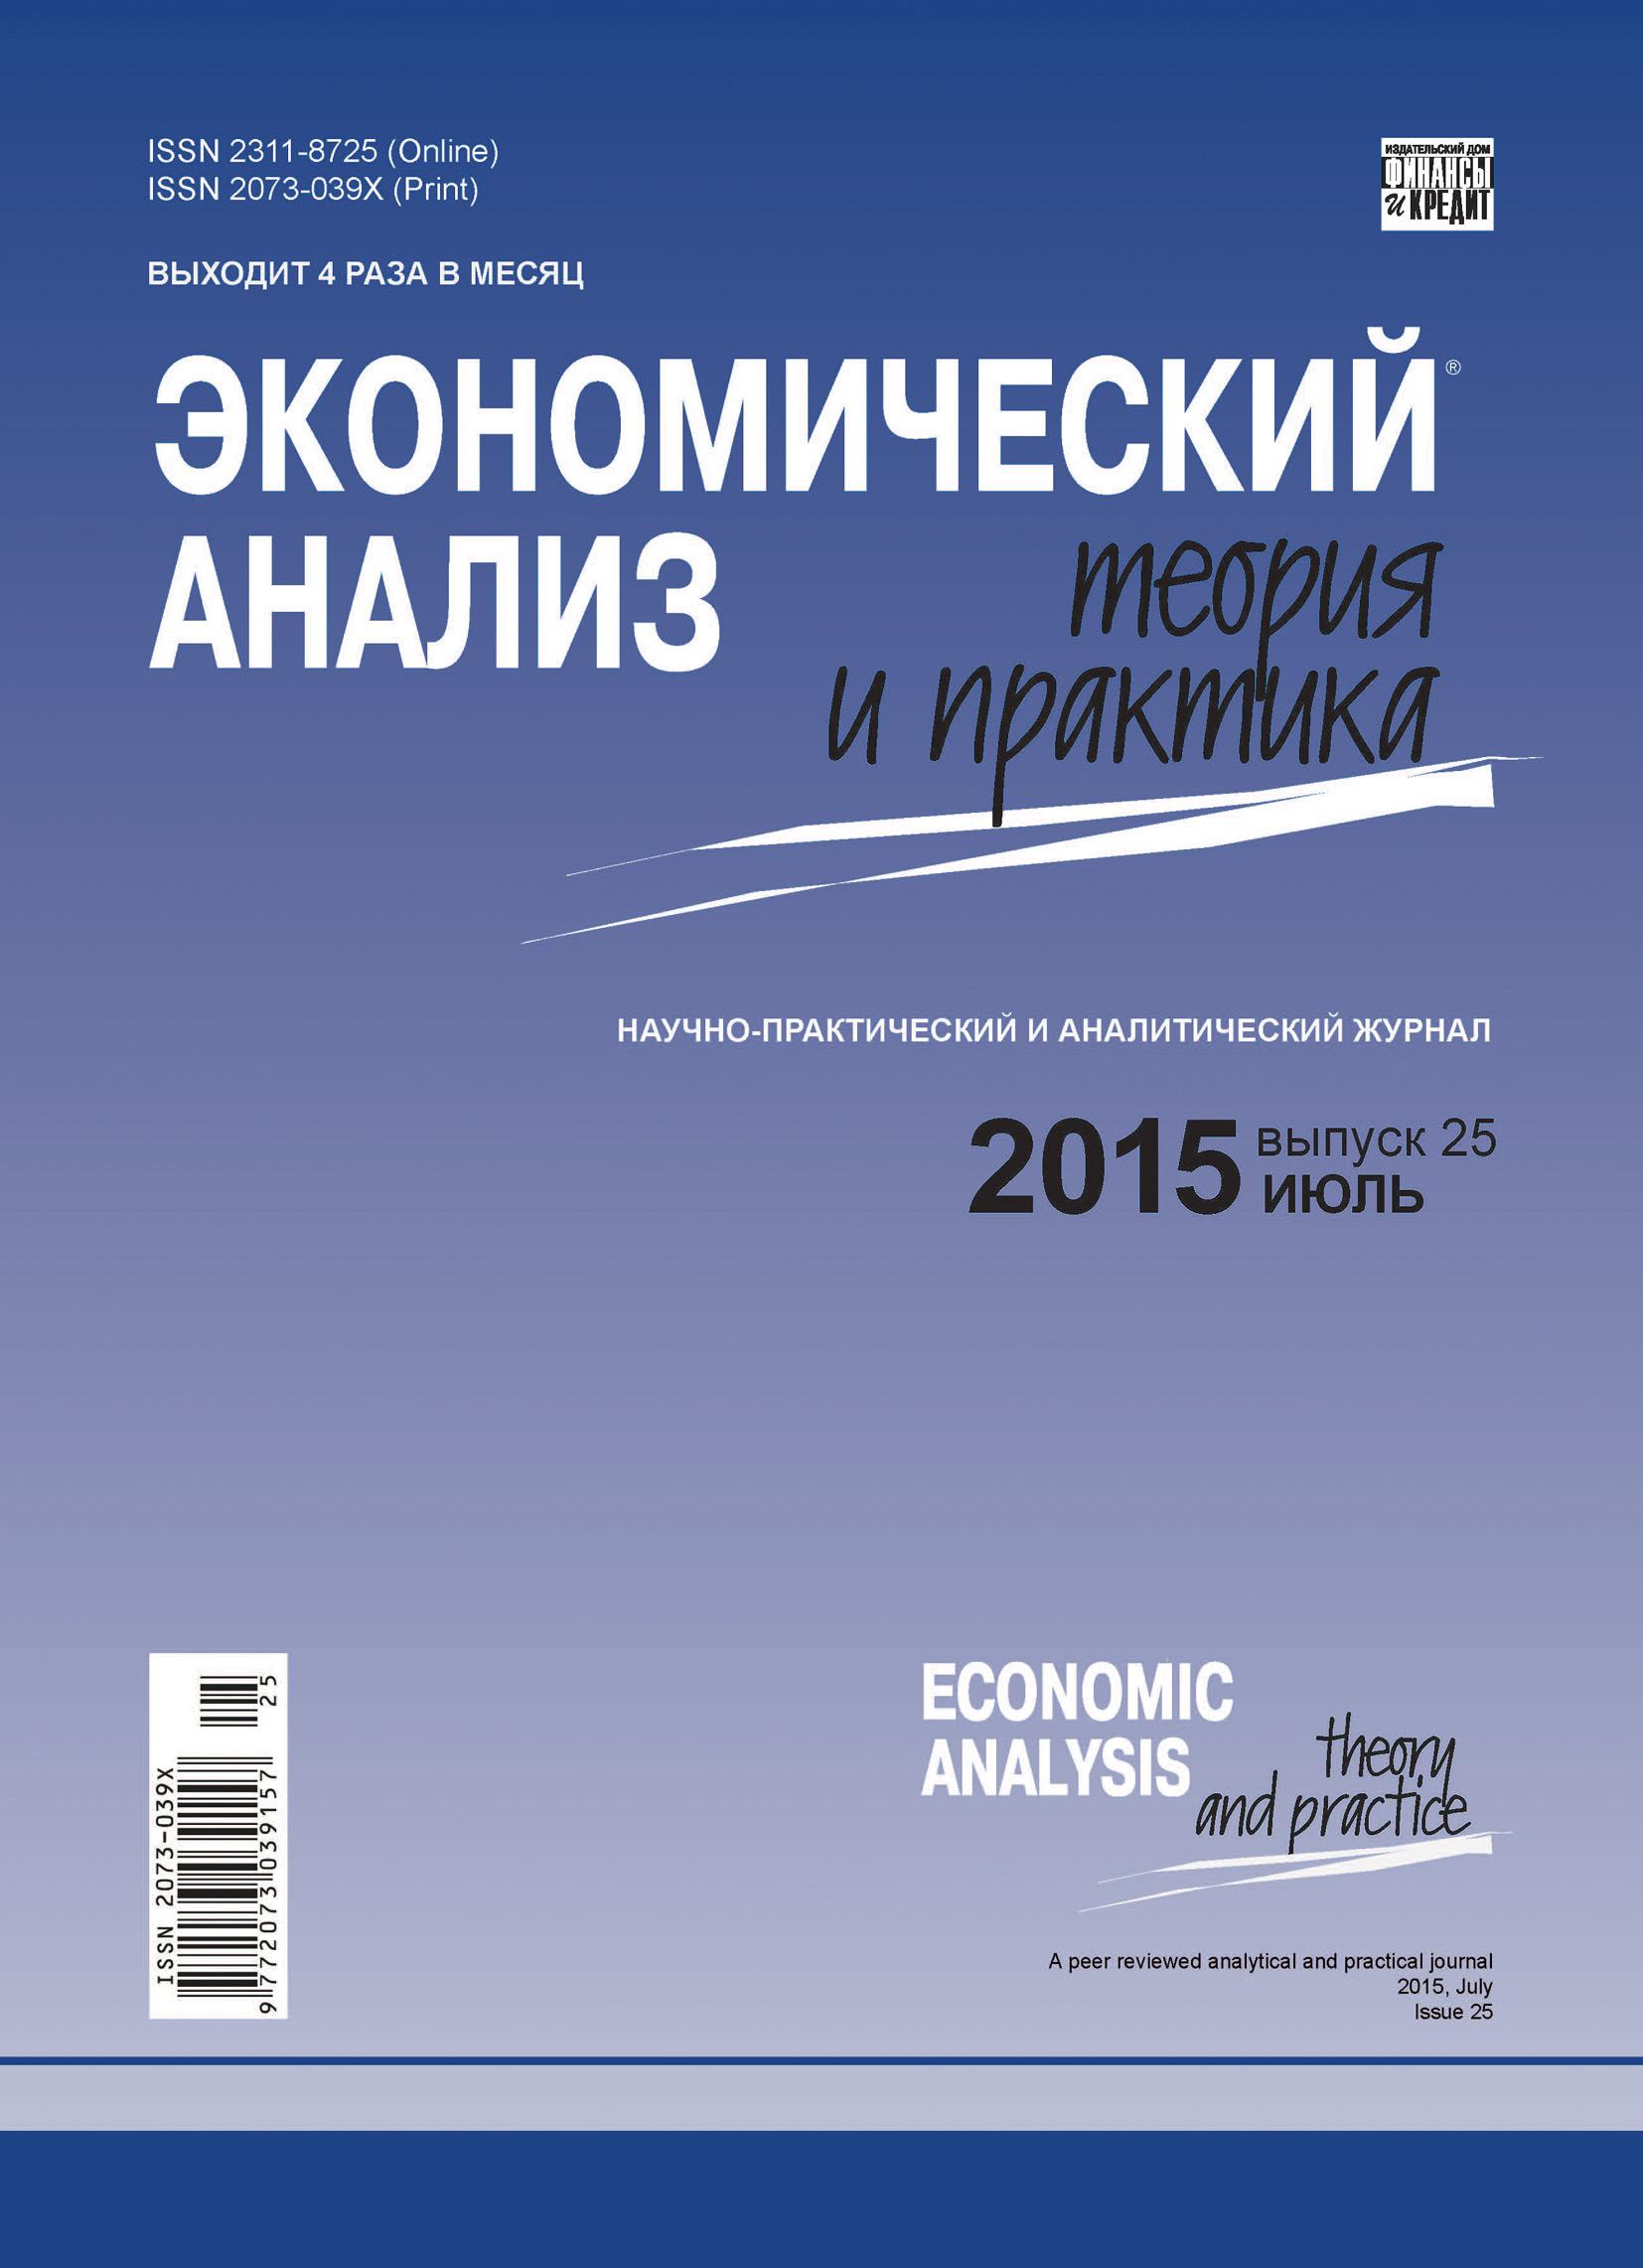 Отсутствует Экономический анализ: теория и практика № 25 (424) 2015 отсутствует экономический анализ теория и практика 4 403 2015